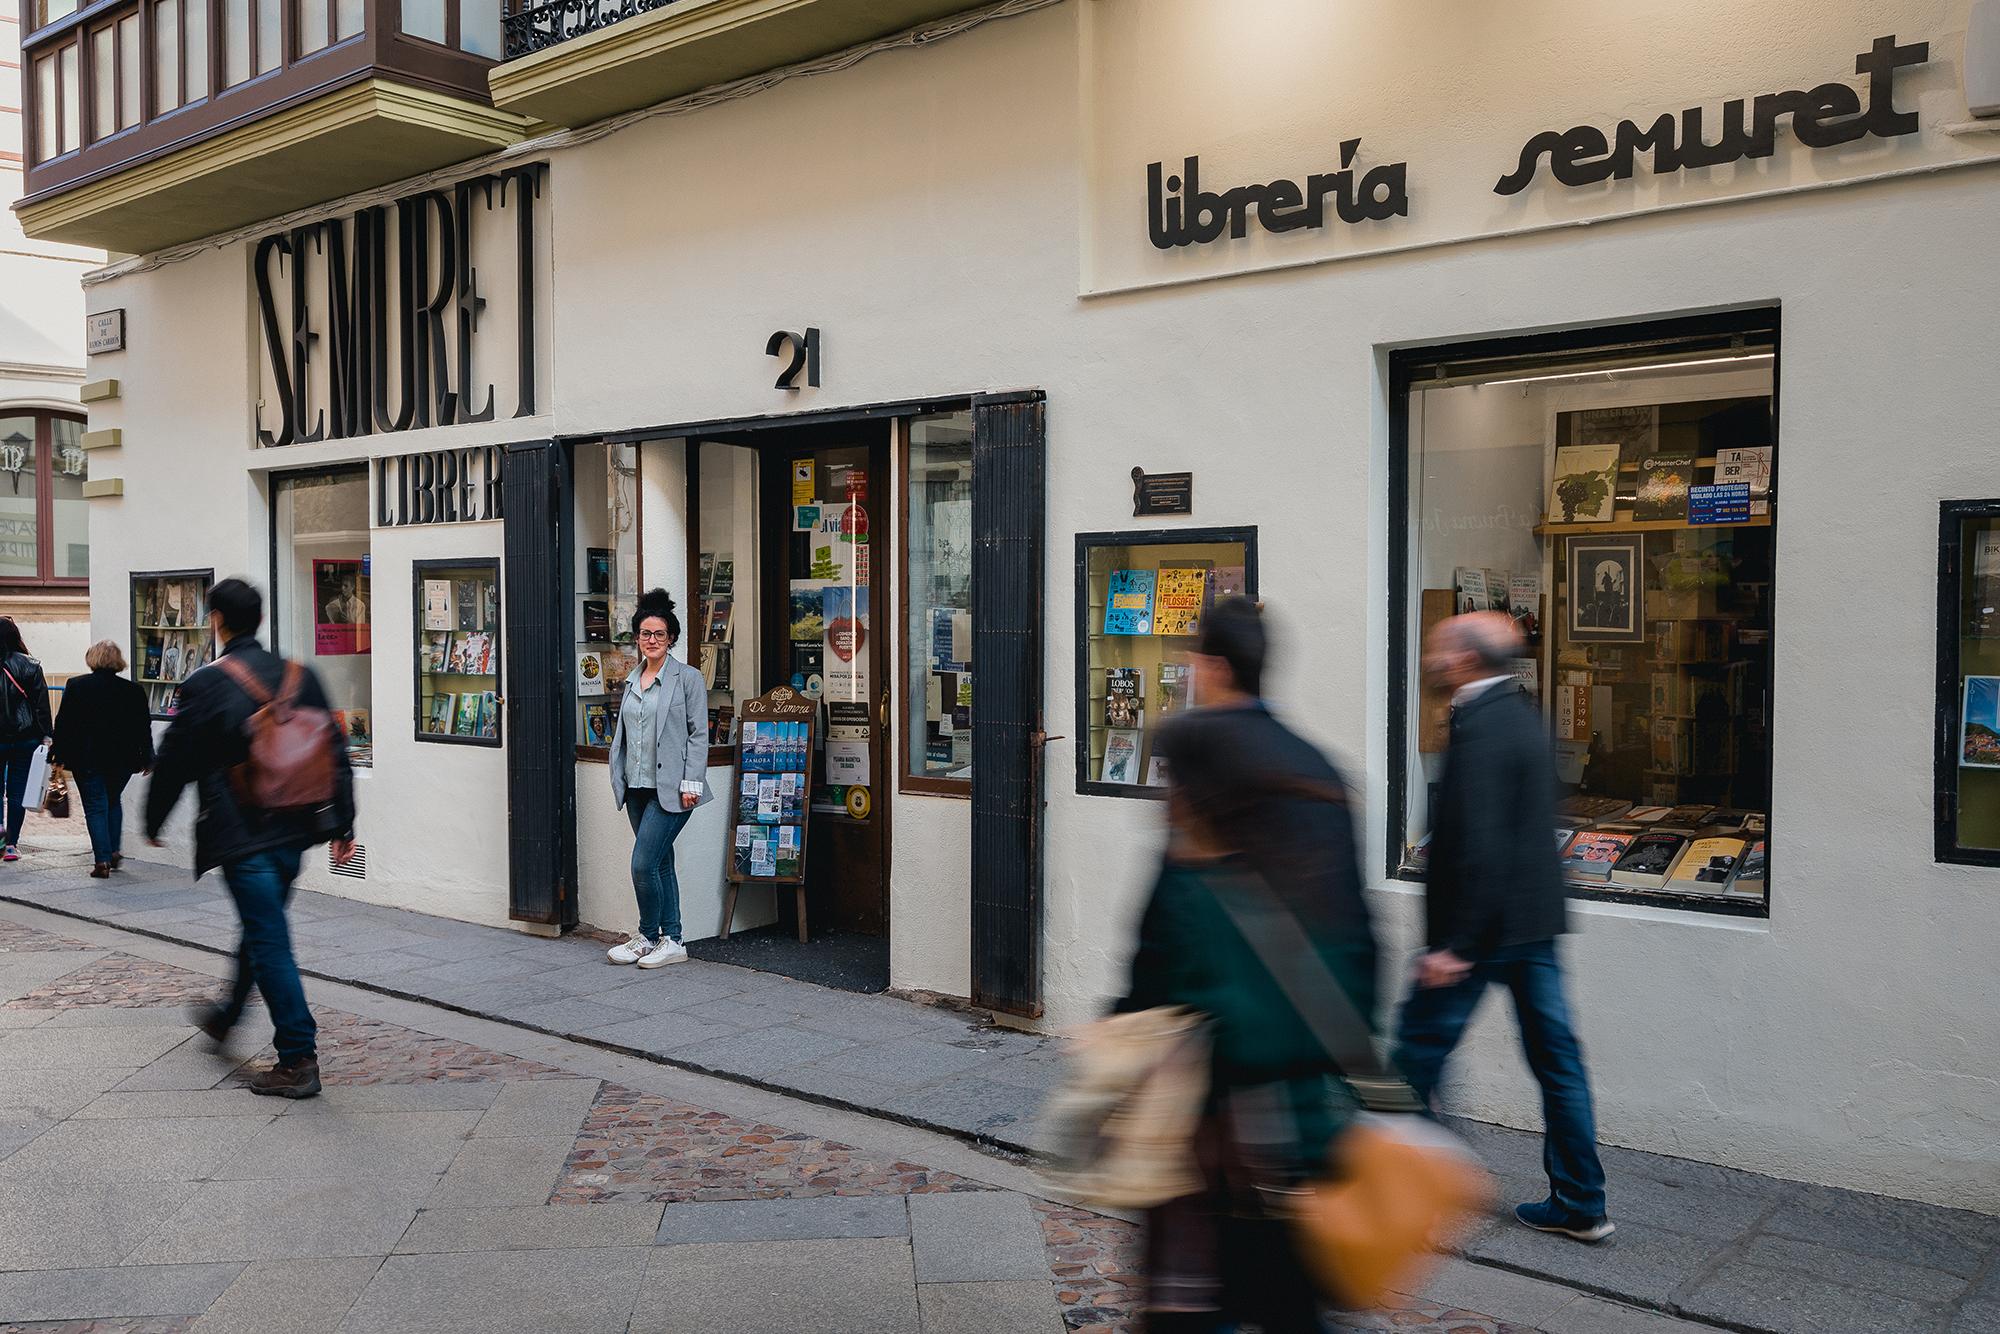 Librería Semuret Zamora Fotografía exterior fachada